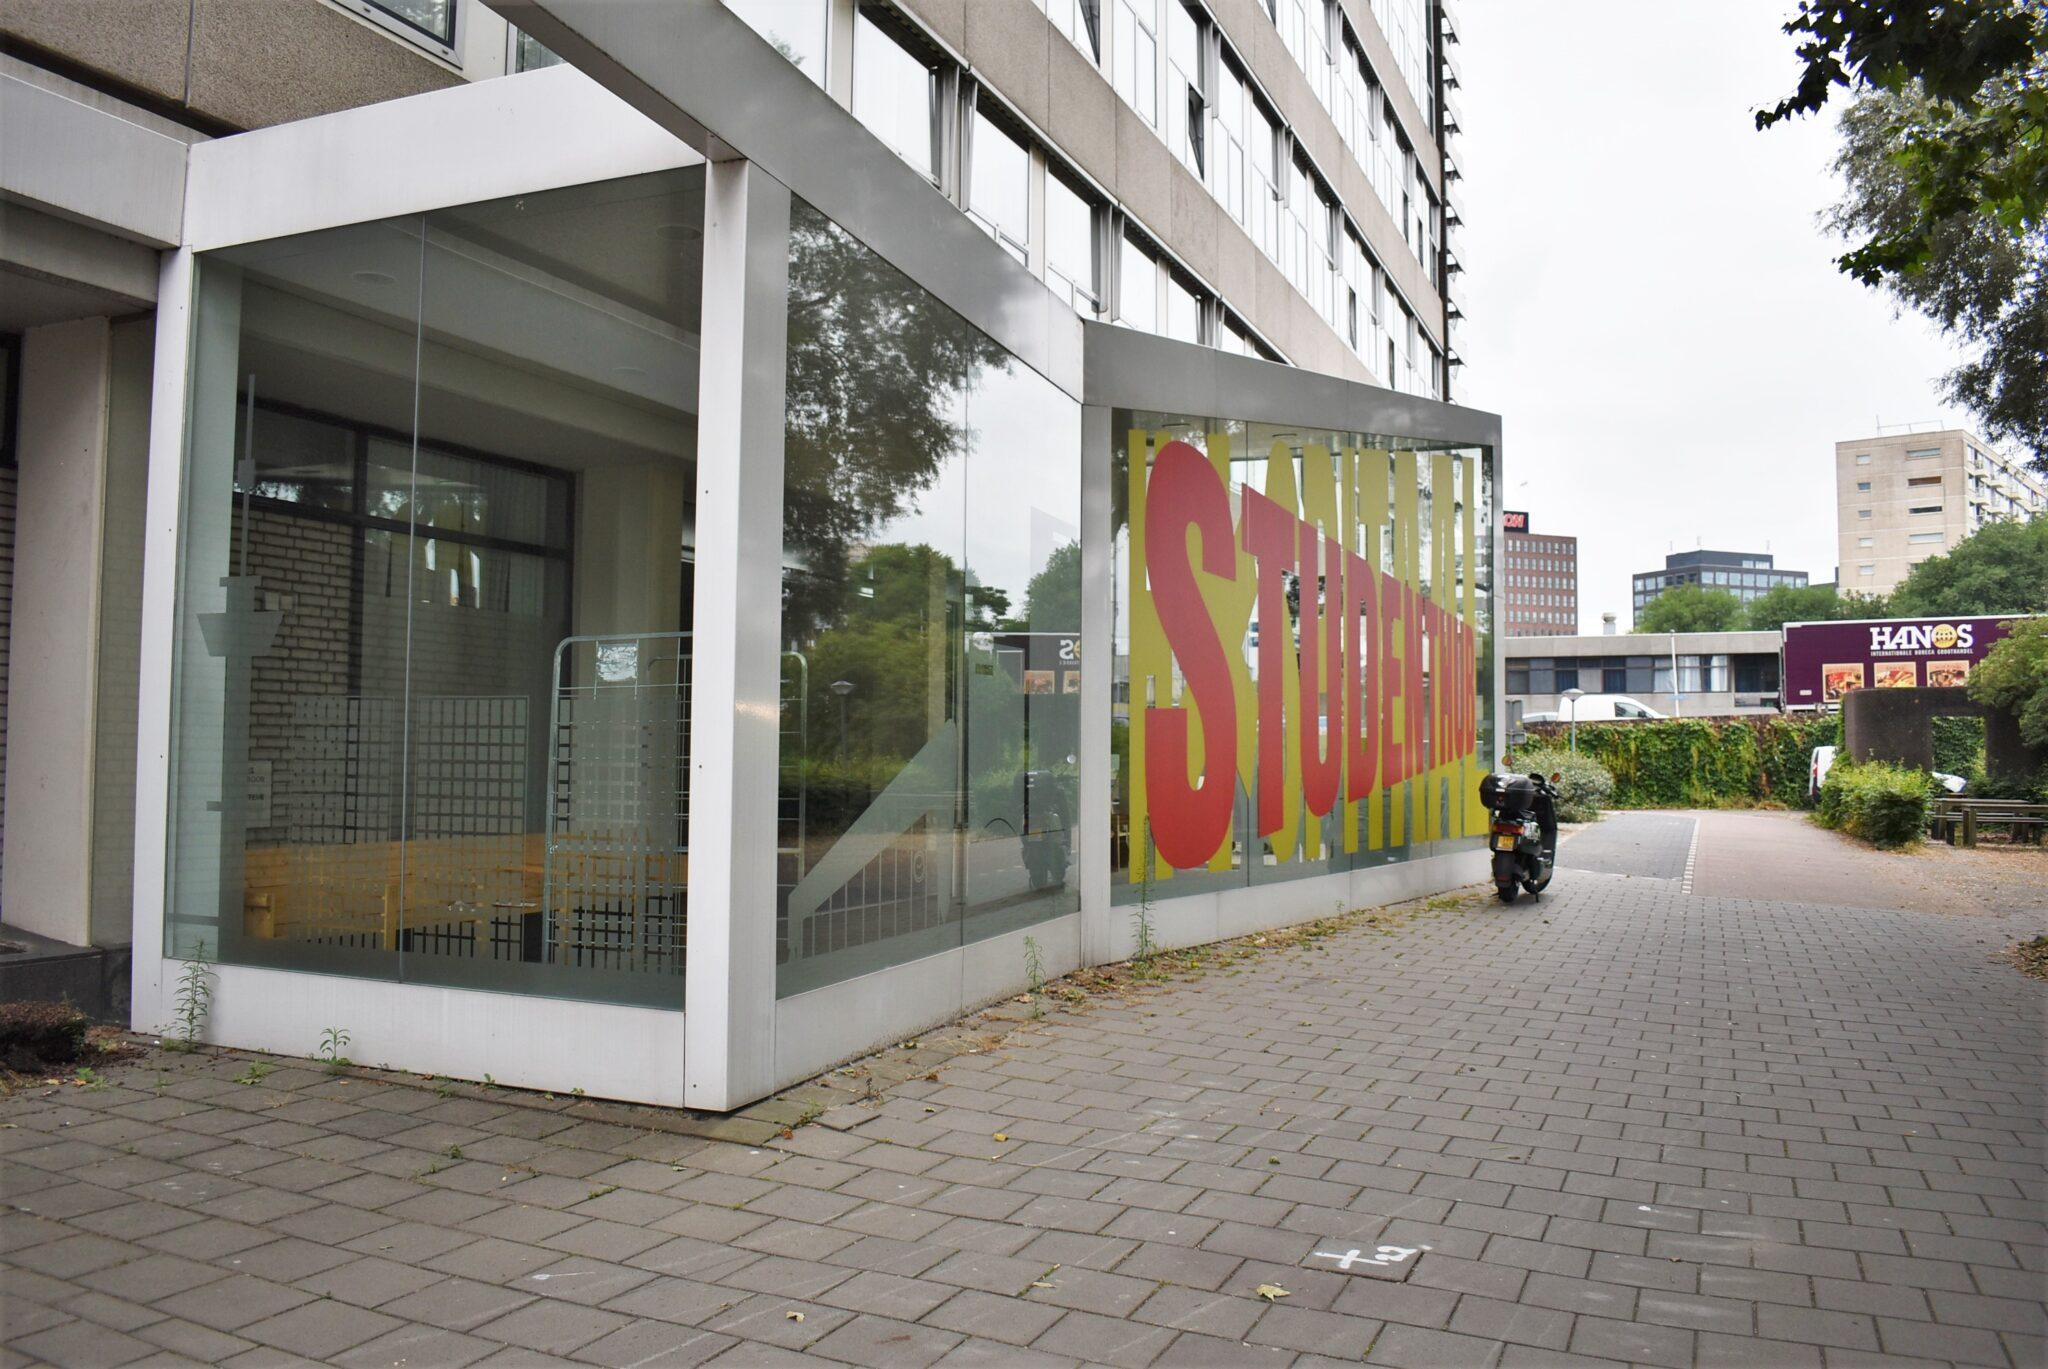 binnenkijken bij ester havenziekenhuis ingang studenthub